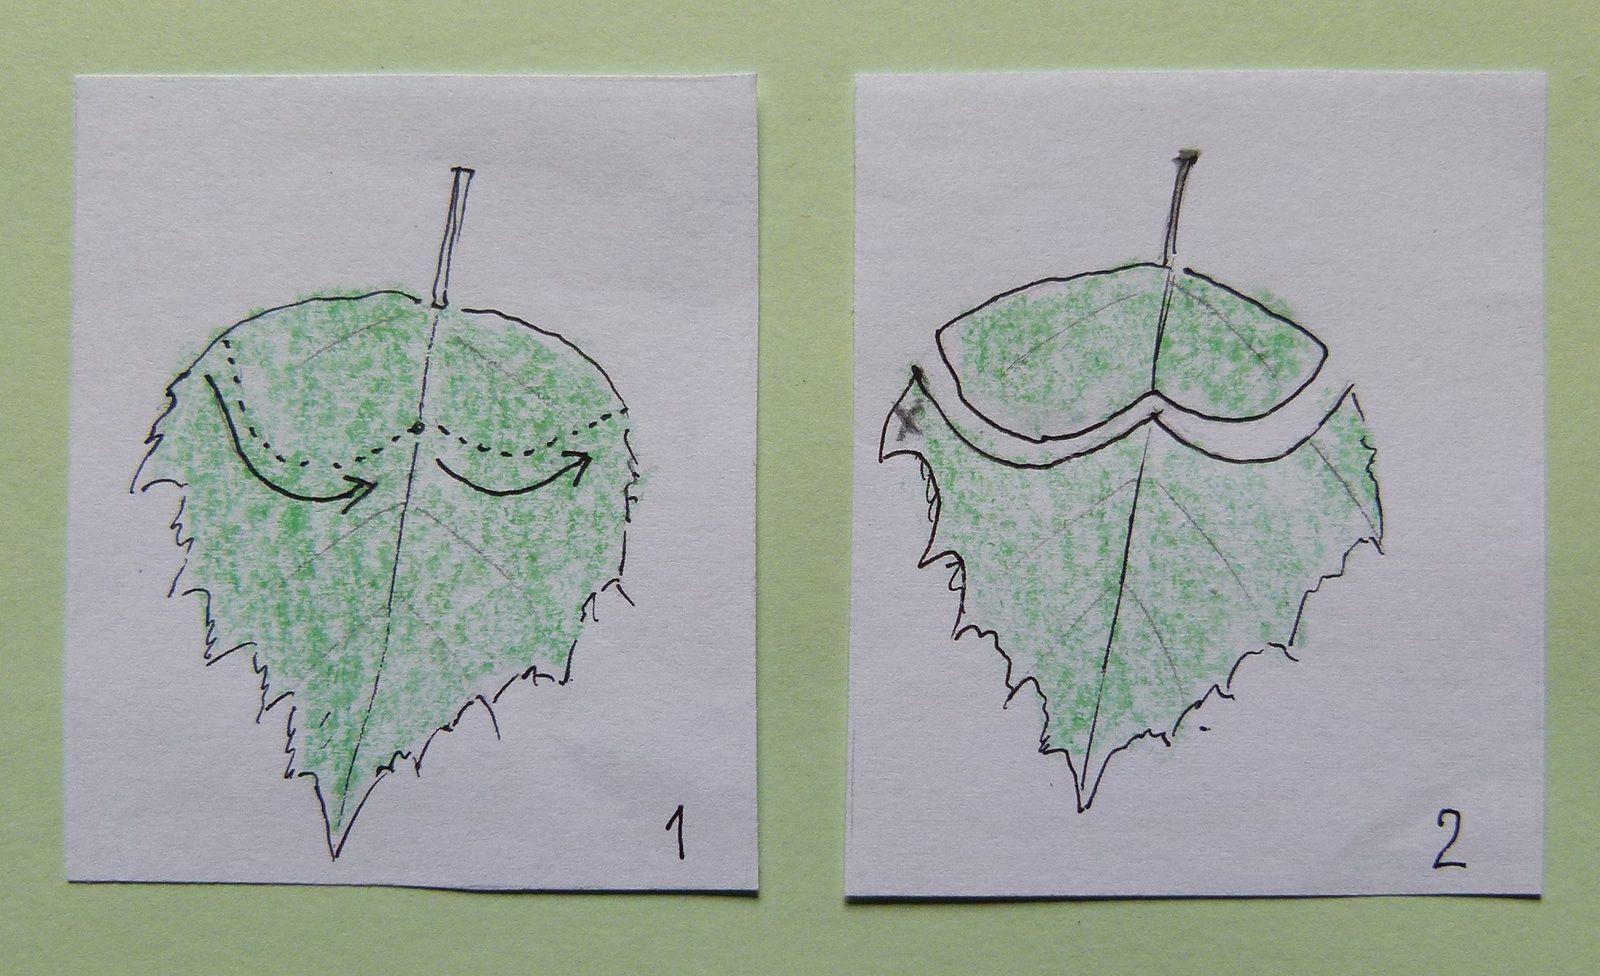 La nervure centrale est à peine attaquée : elle va se flétrir, ce qui facilitera son enroulement et son desséchement ultérieur et donc sa chute. Mais le « cigare » doit rester sur l'arbre, être suffisamment tendre pour être consommé par la larve, puis tomber à un certain moment, lorsque la larve est prête à se nymphoser dans le sol.